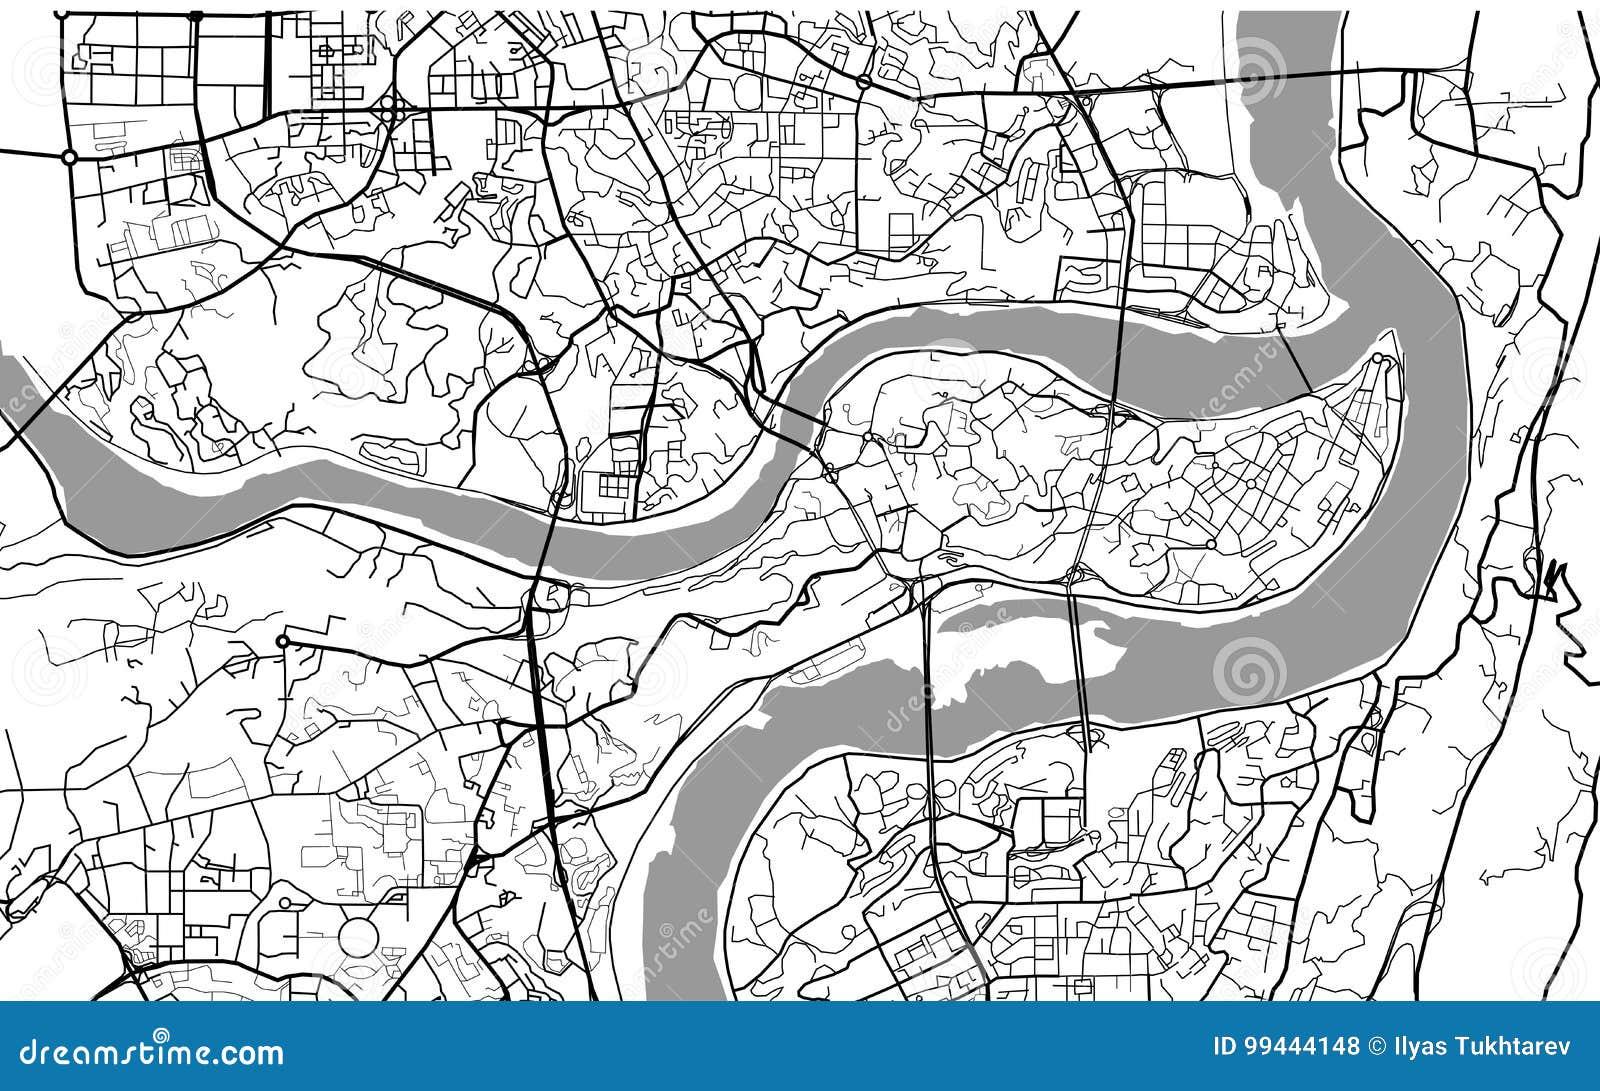 Map Of The City Of Chongqing, China Stock Illustration ... Chongqing Map on taklamakan desert map, china map, dunhuang map, guangzhou map, tokyo map, xinjiang map, kunming map, shanghai map, hainan map, tibet map, huludao map, binhai map, zhengzhou map, qingdao map, tianjin map, gansu map, guilin map, kuala lumpur map, xian map, shiyan map, leshan map, beijing map, urumqi map, shenzhen map, lanzhou map, chengdu map, taiwan map, hangzhou map, nanjing map, jinan map, xi'an map, macau map, hokkaido japan map,